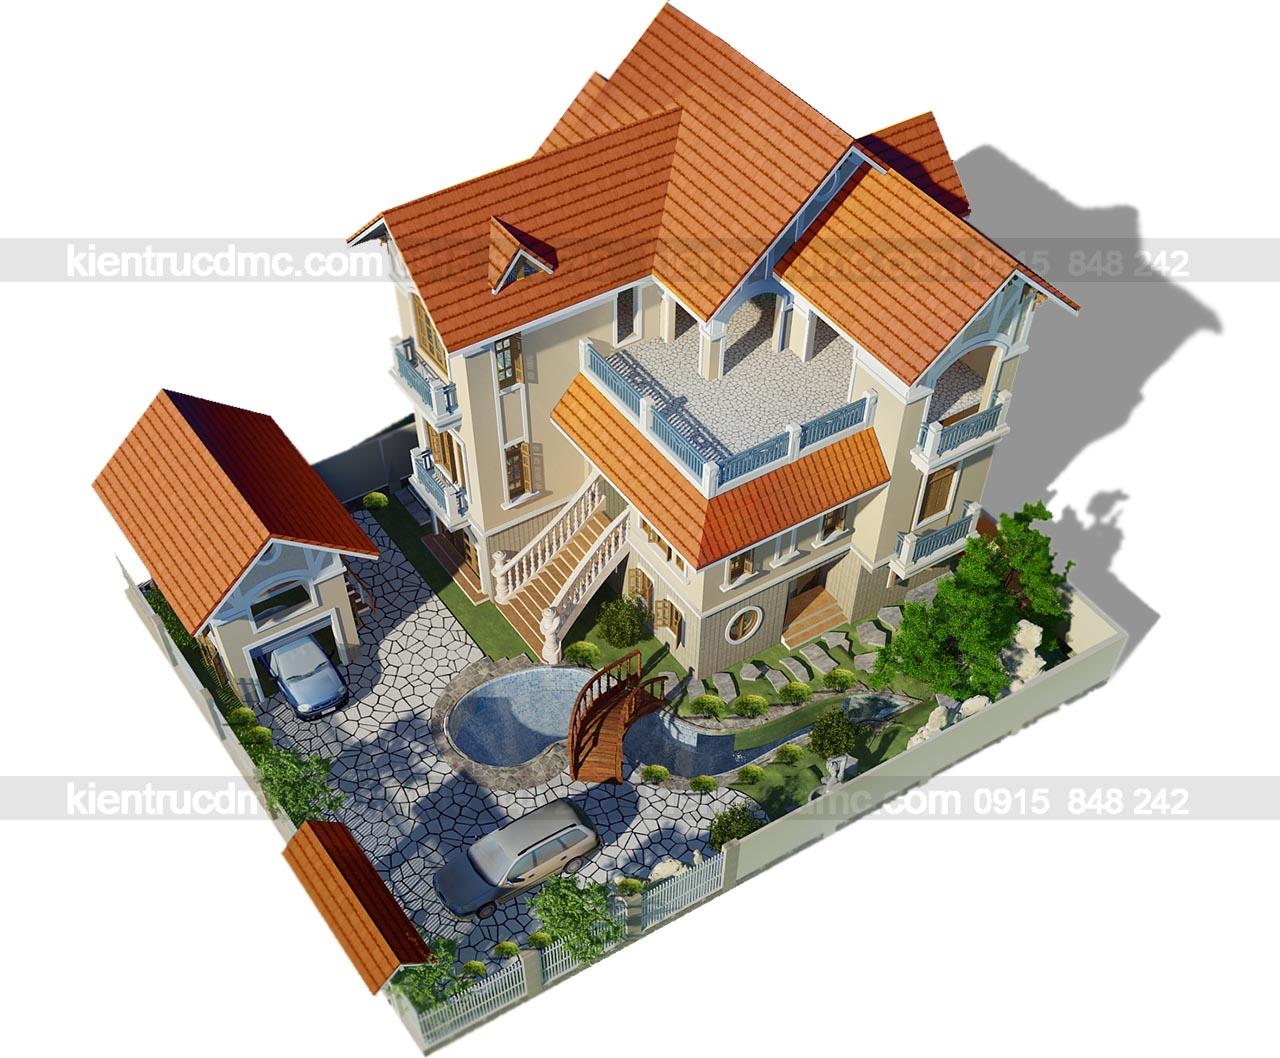 Tổng thể kiến trúc thiết kế nhà vườn biệt thự kiểu Pháp